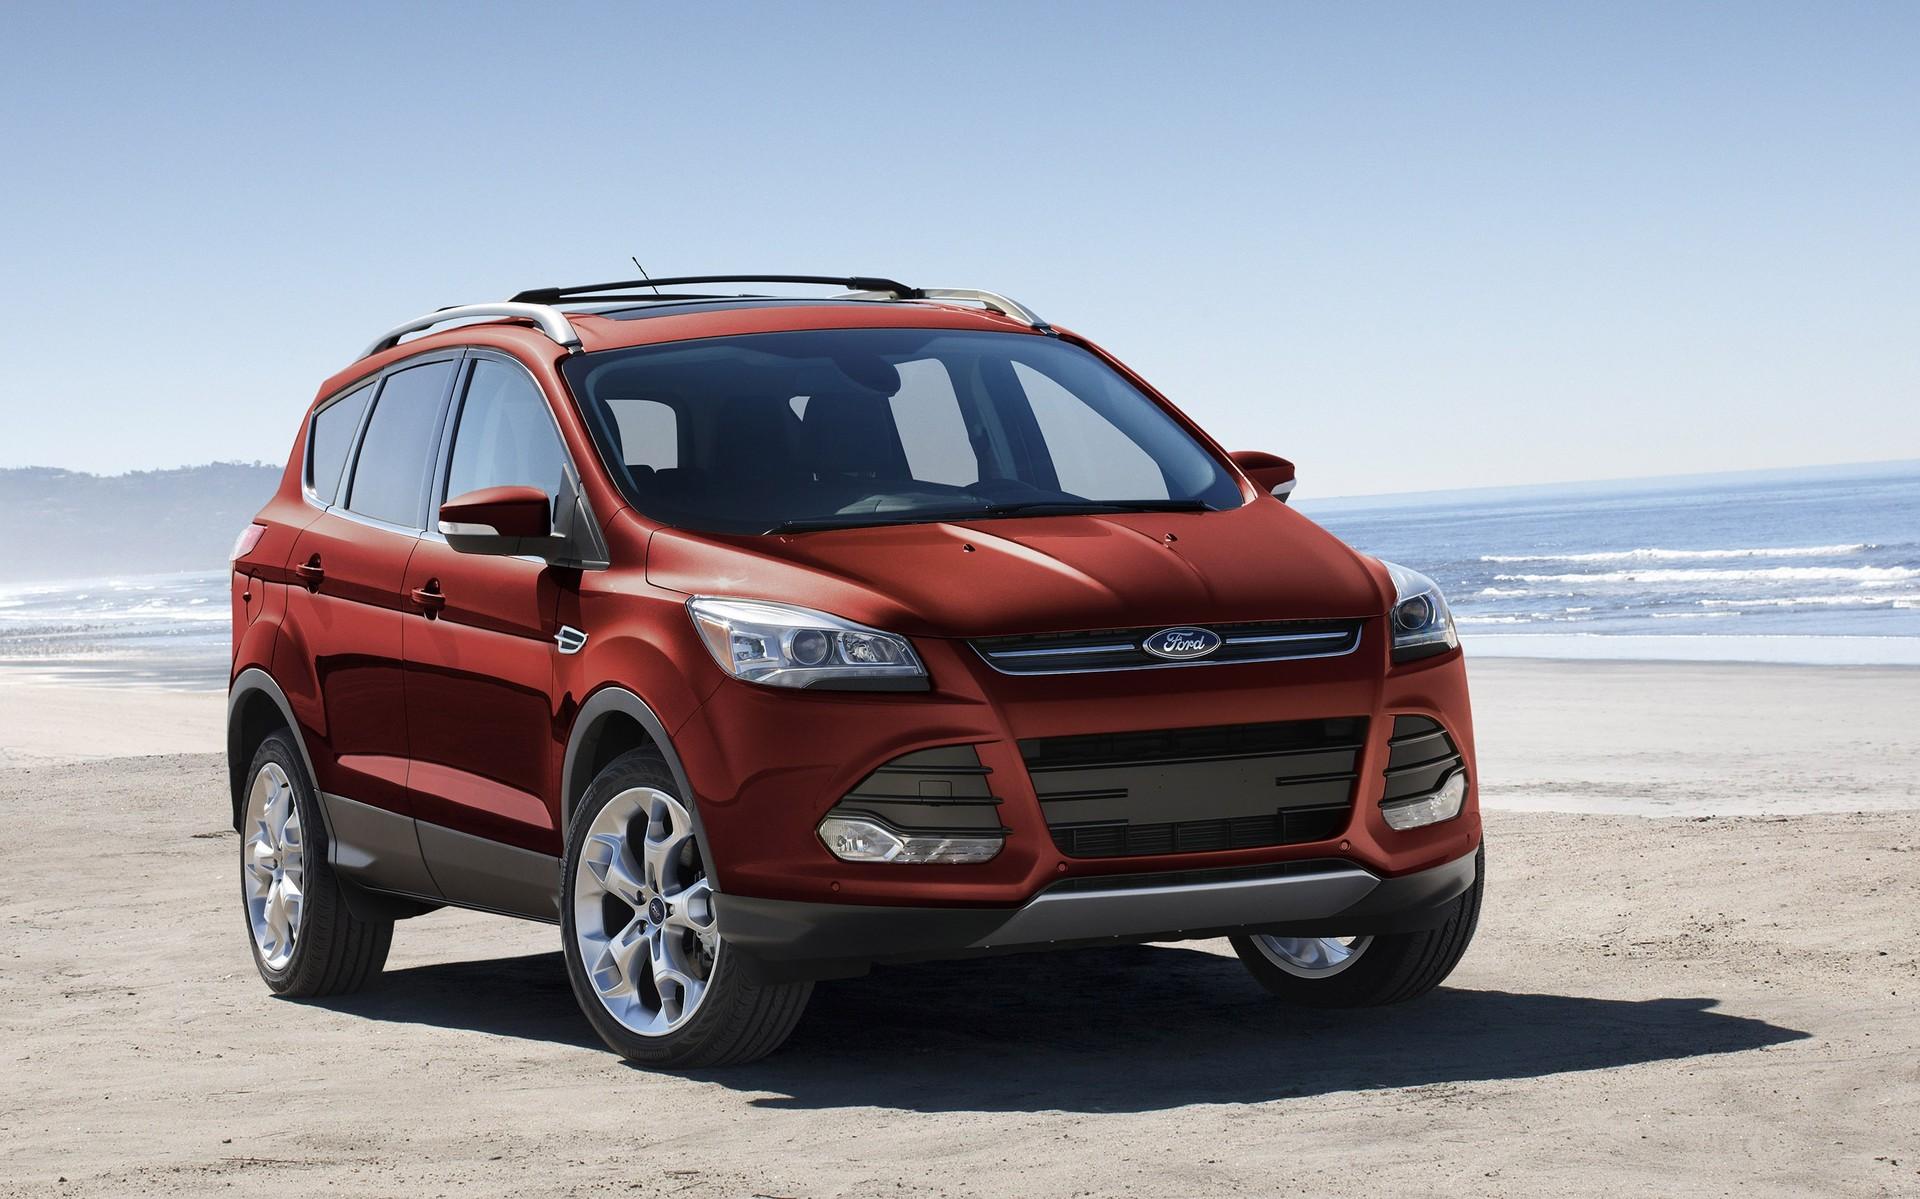 Ford Escape 2015 có nhiều thay đổi đáng kể so với mẫu cũ